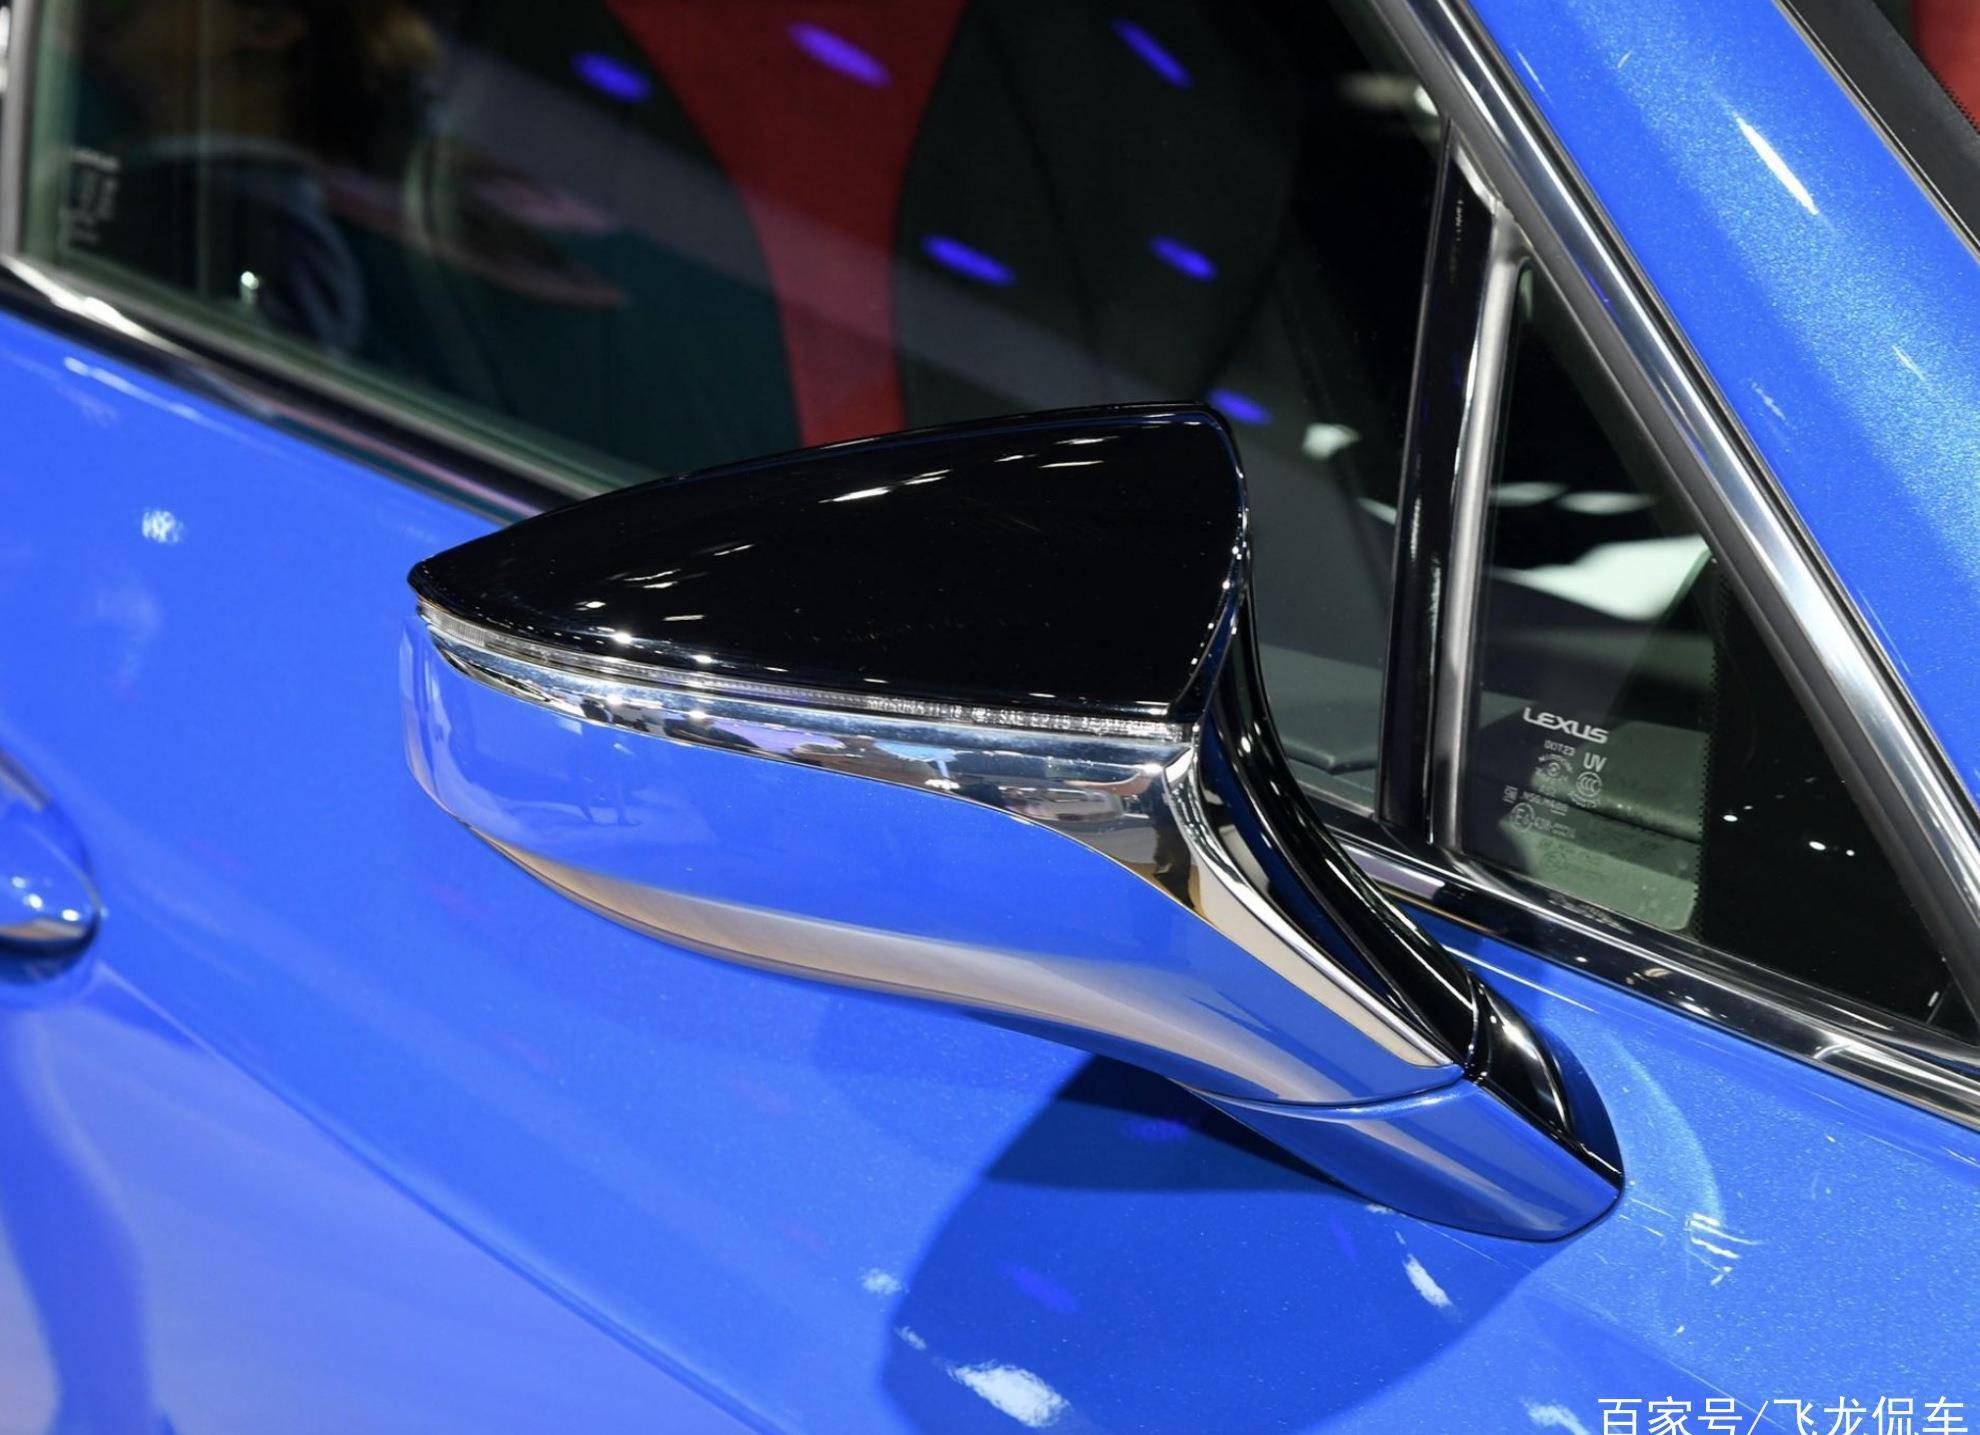 另一款原装豪华SUV,运动型车身通过尾灯,带混合动力系统,油耗4.6L